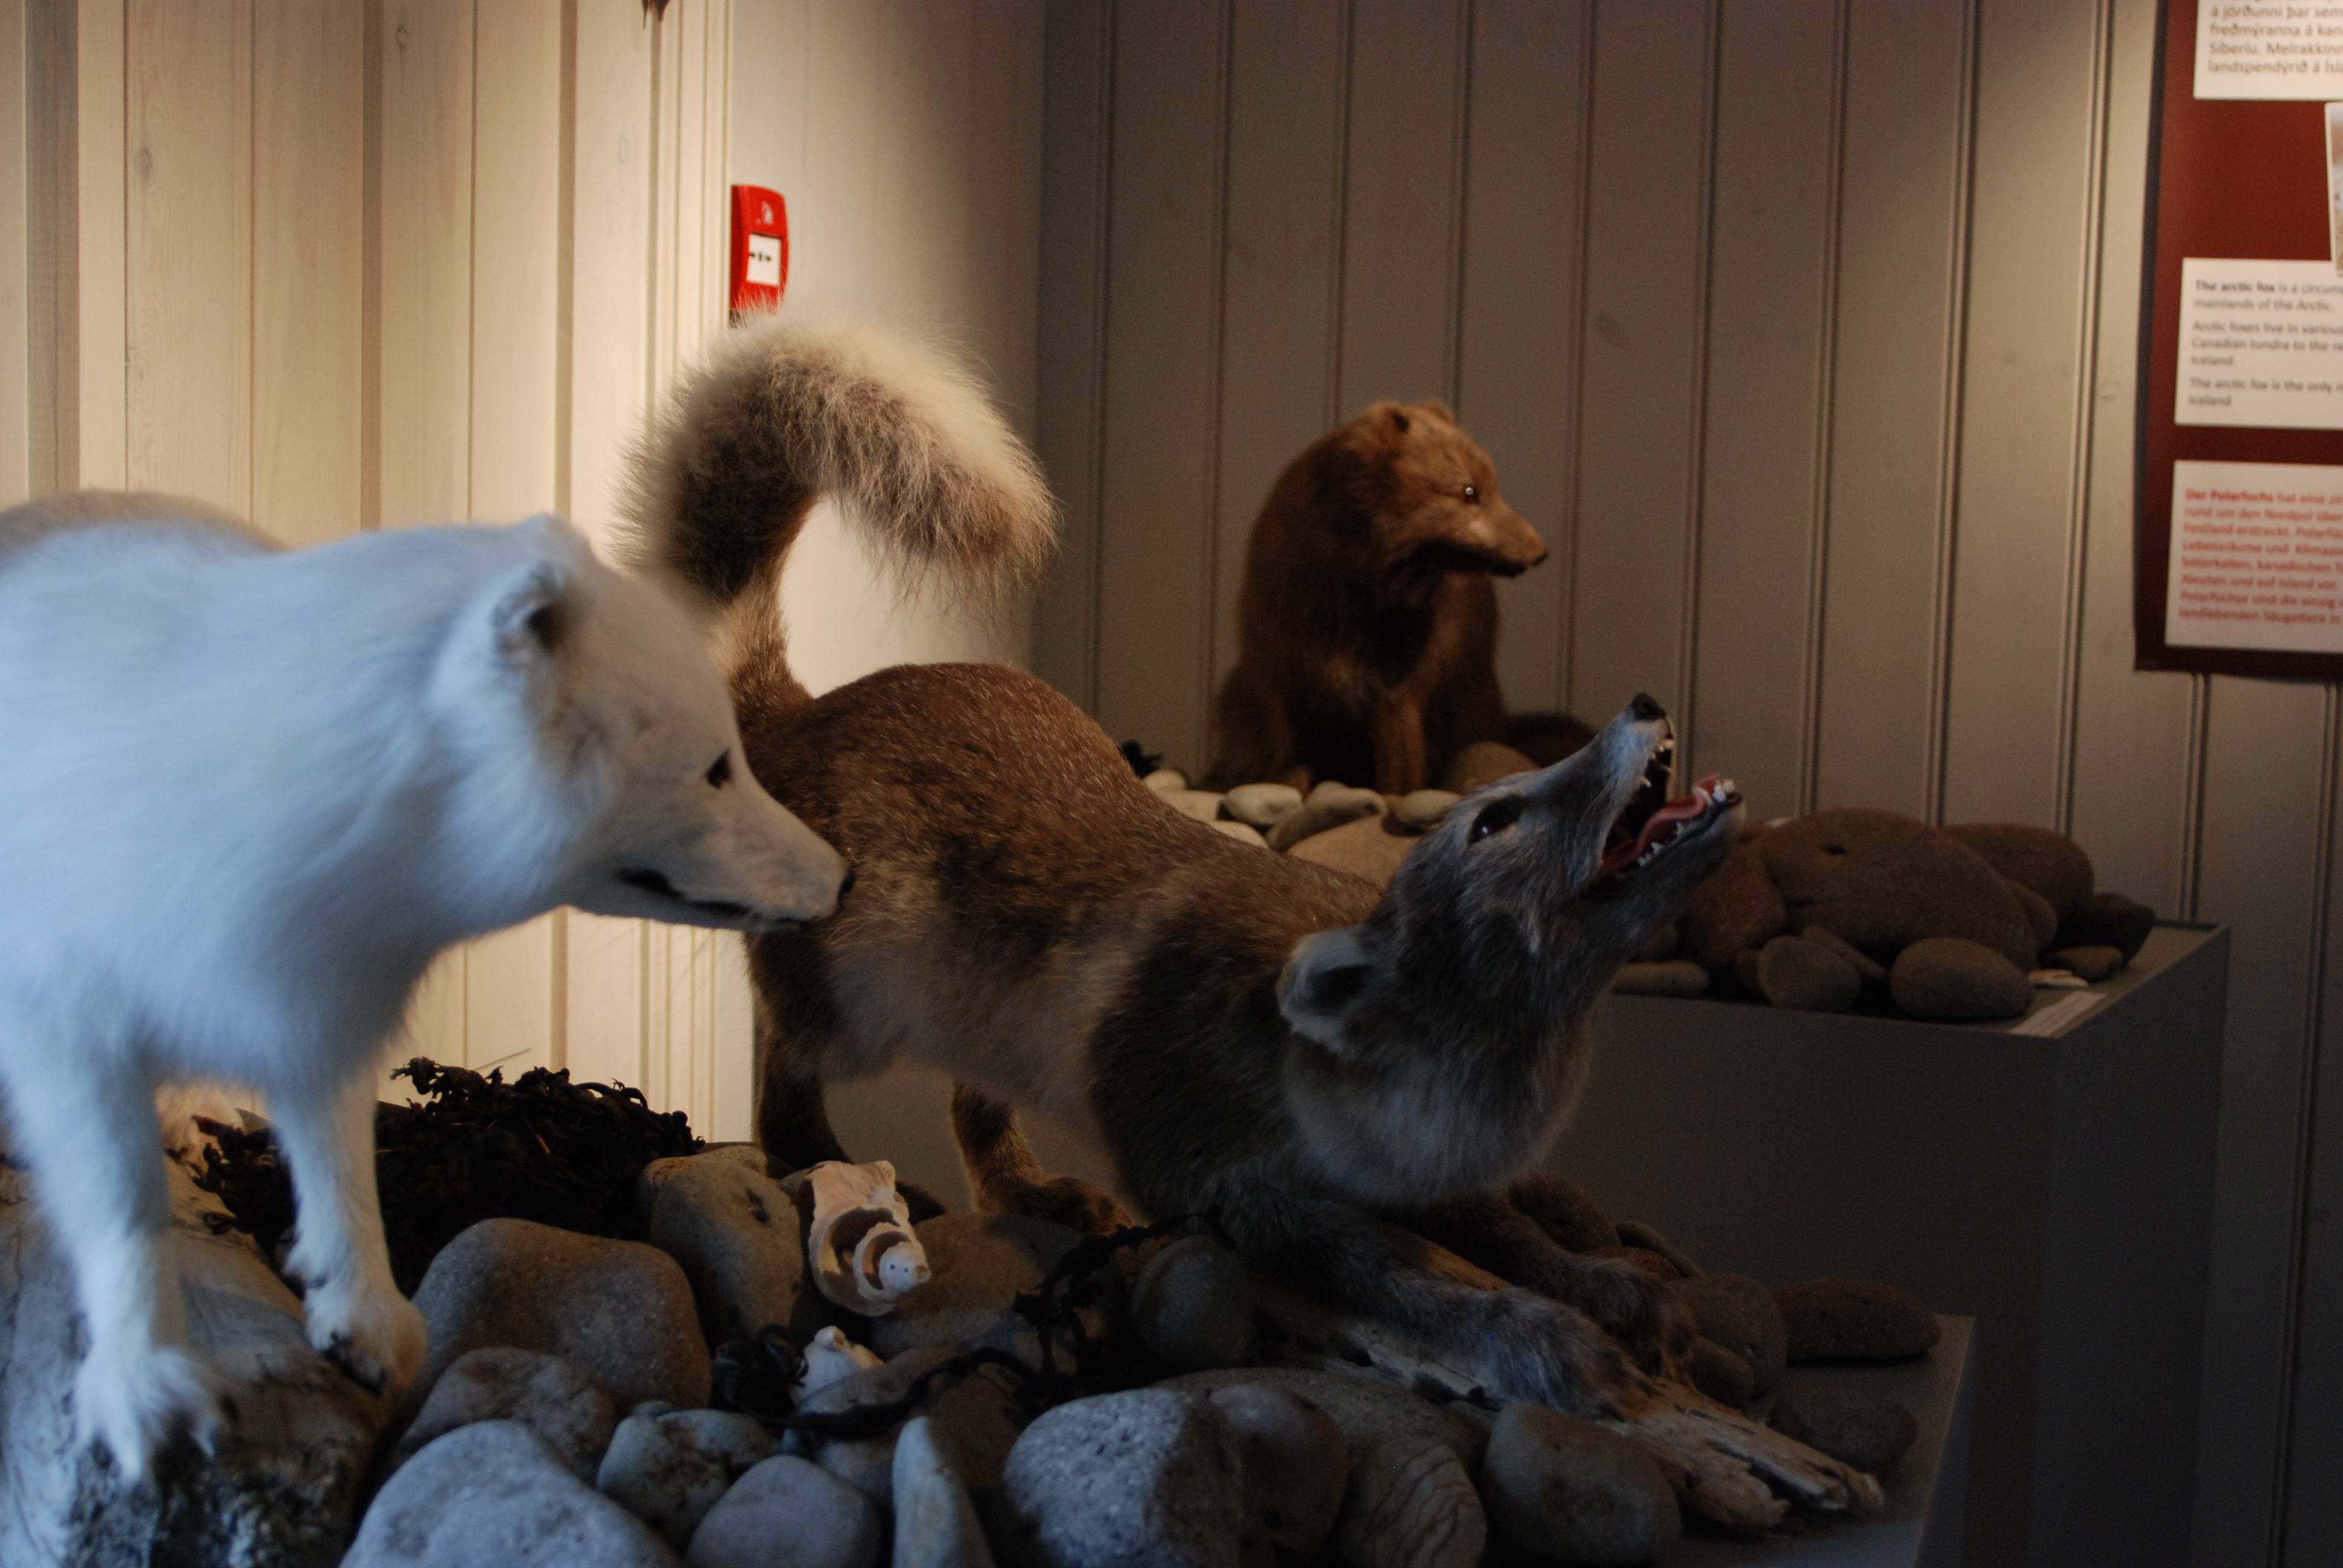 fox wiki Gammel Estrup museum